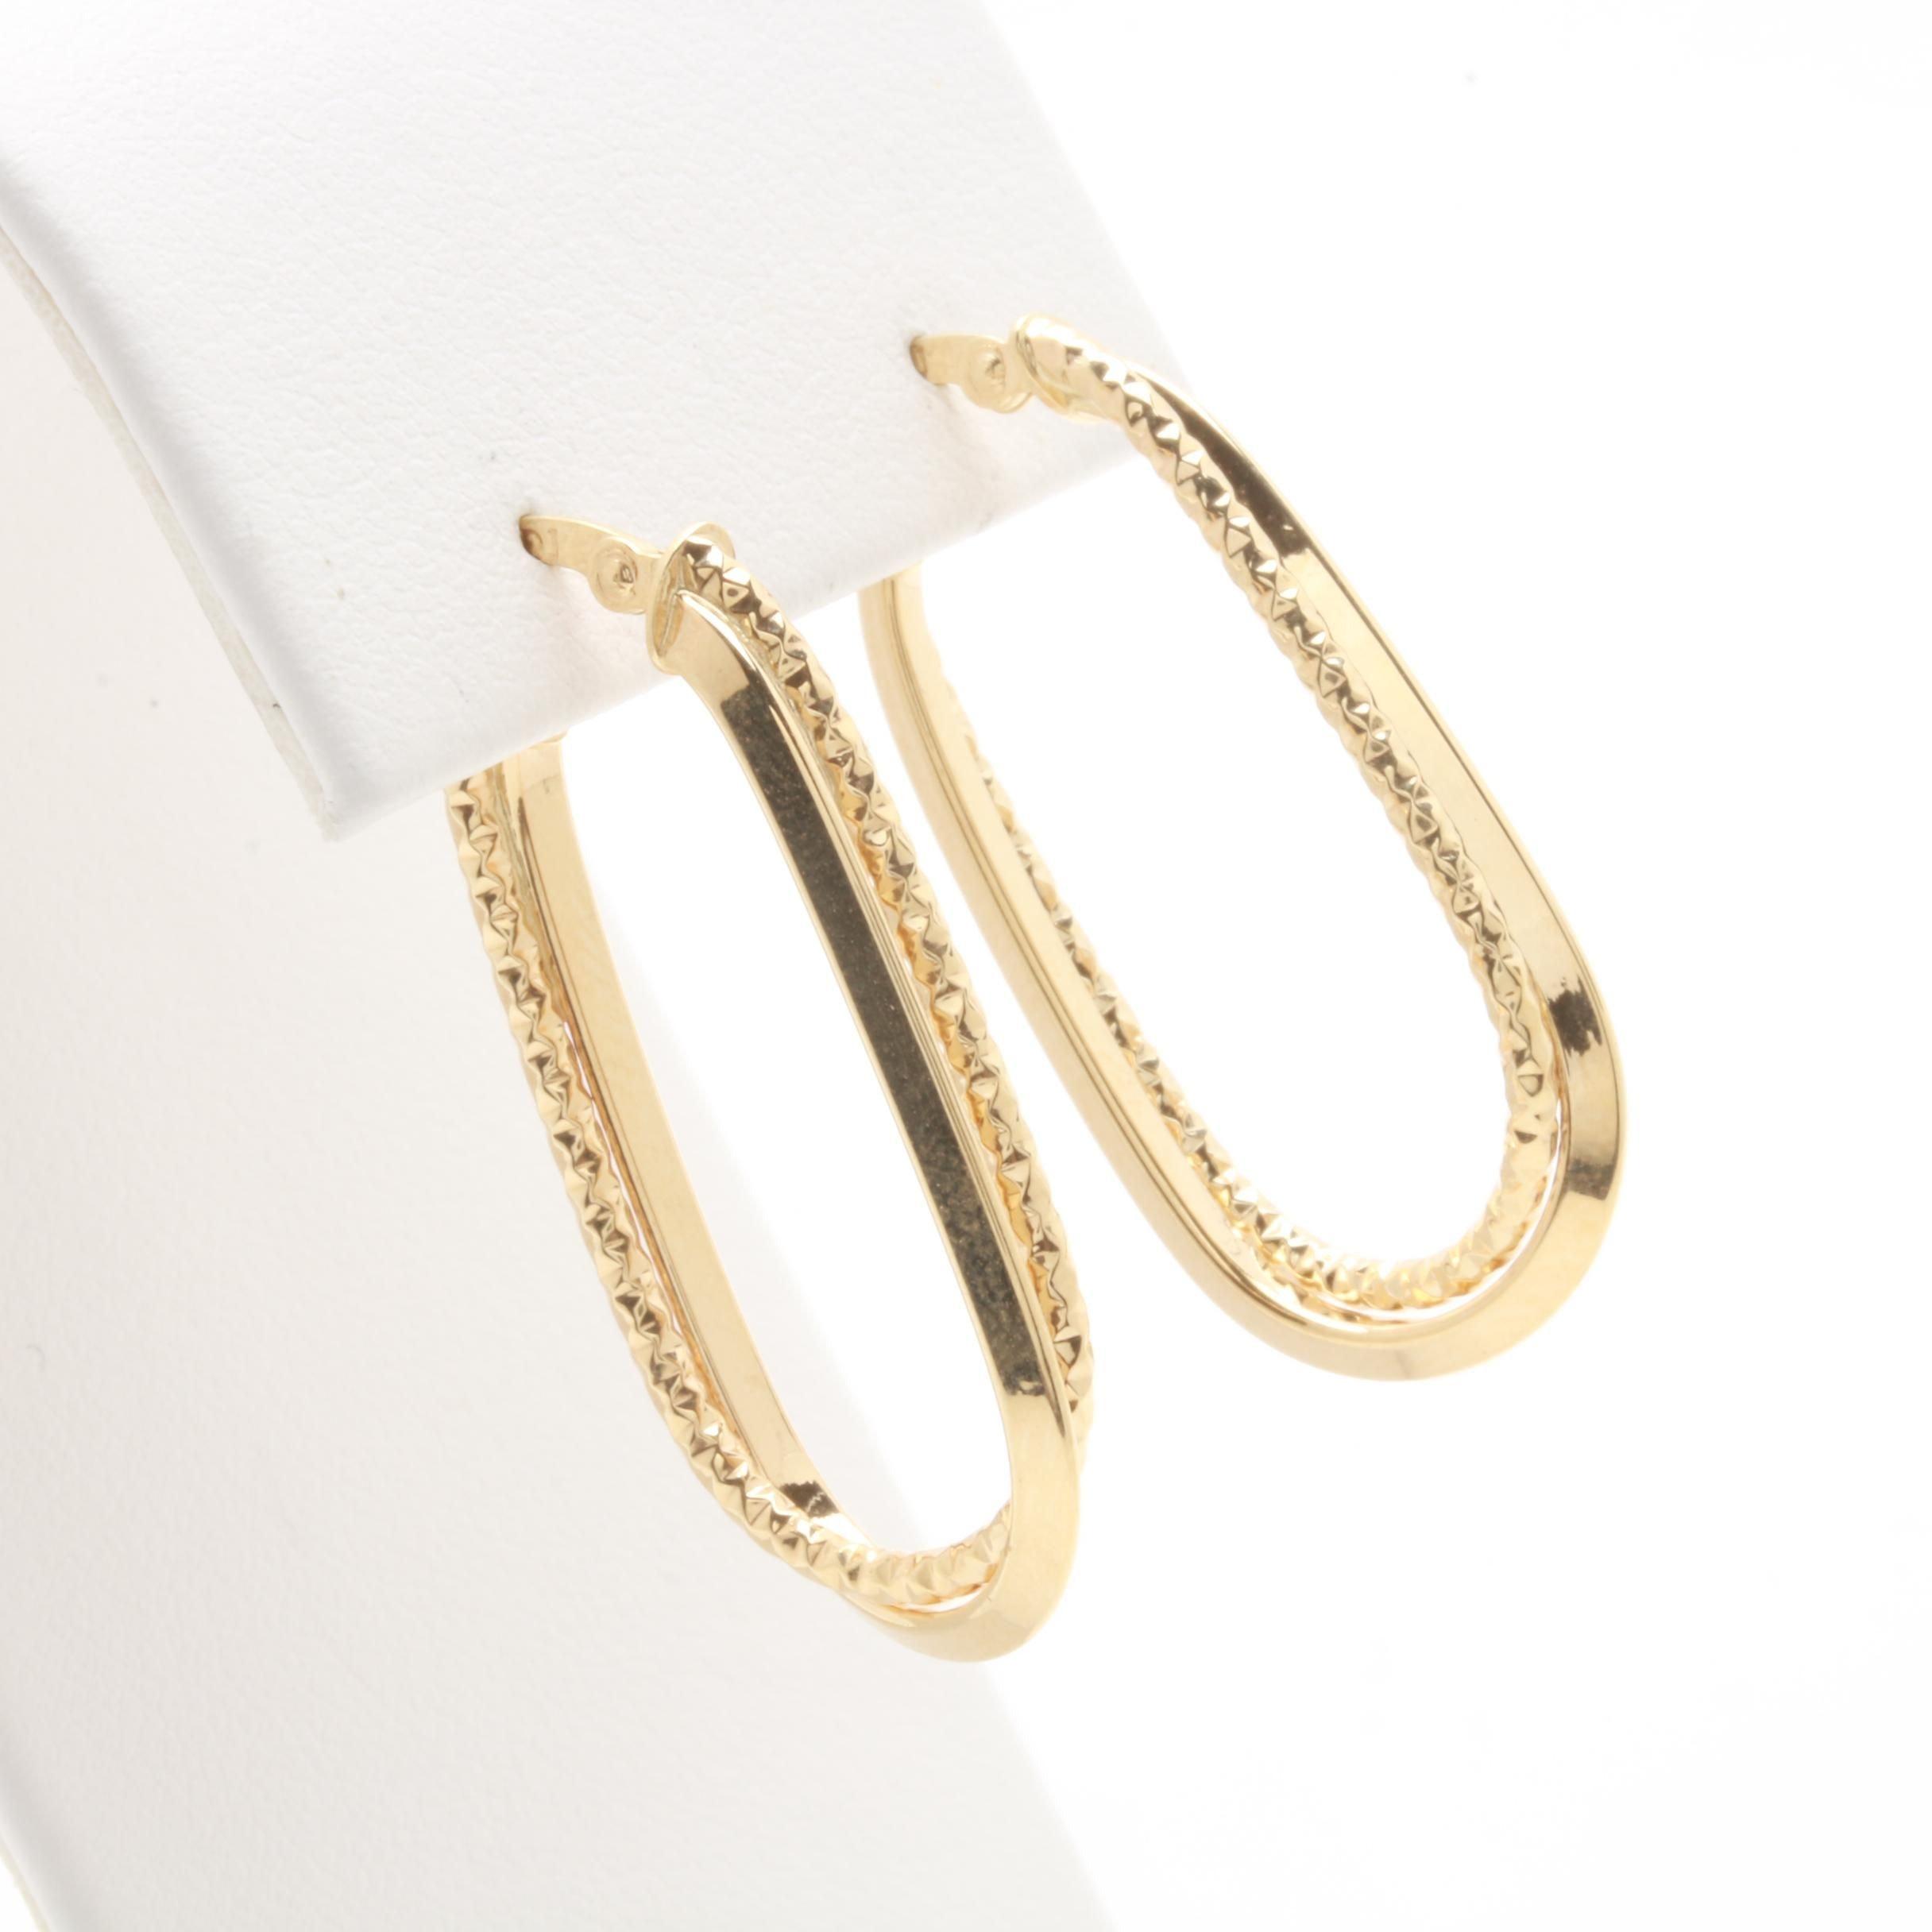 14K Yellow Gold Oblong Hoop Earrings